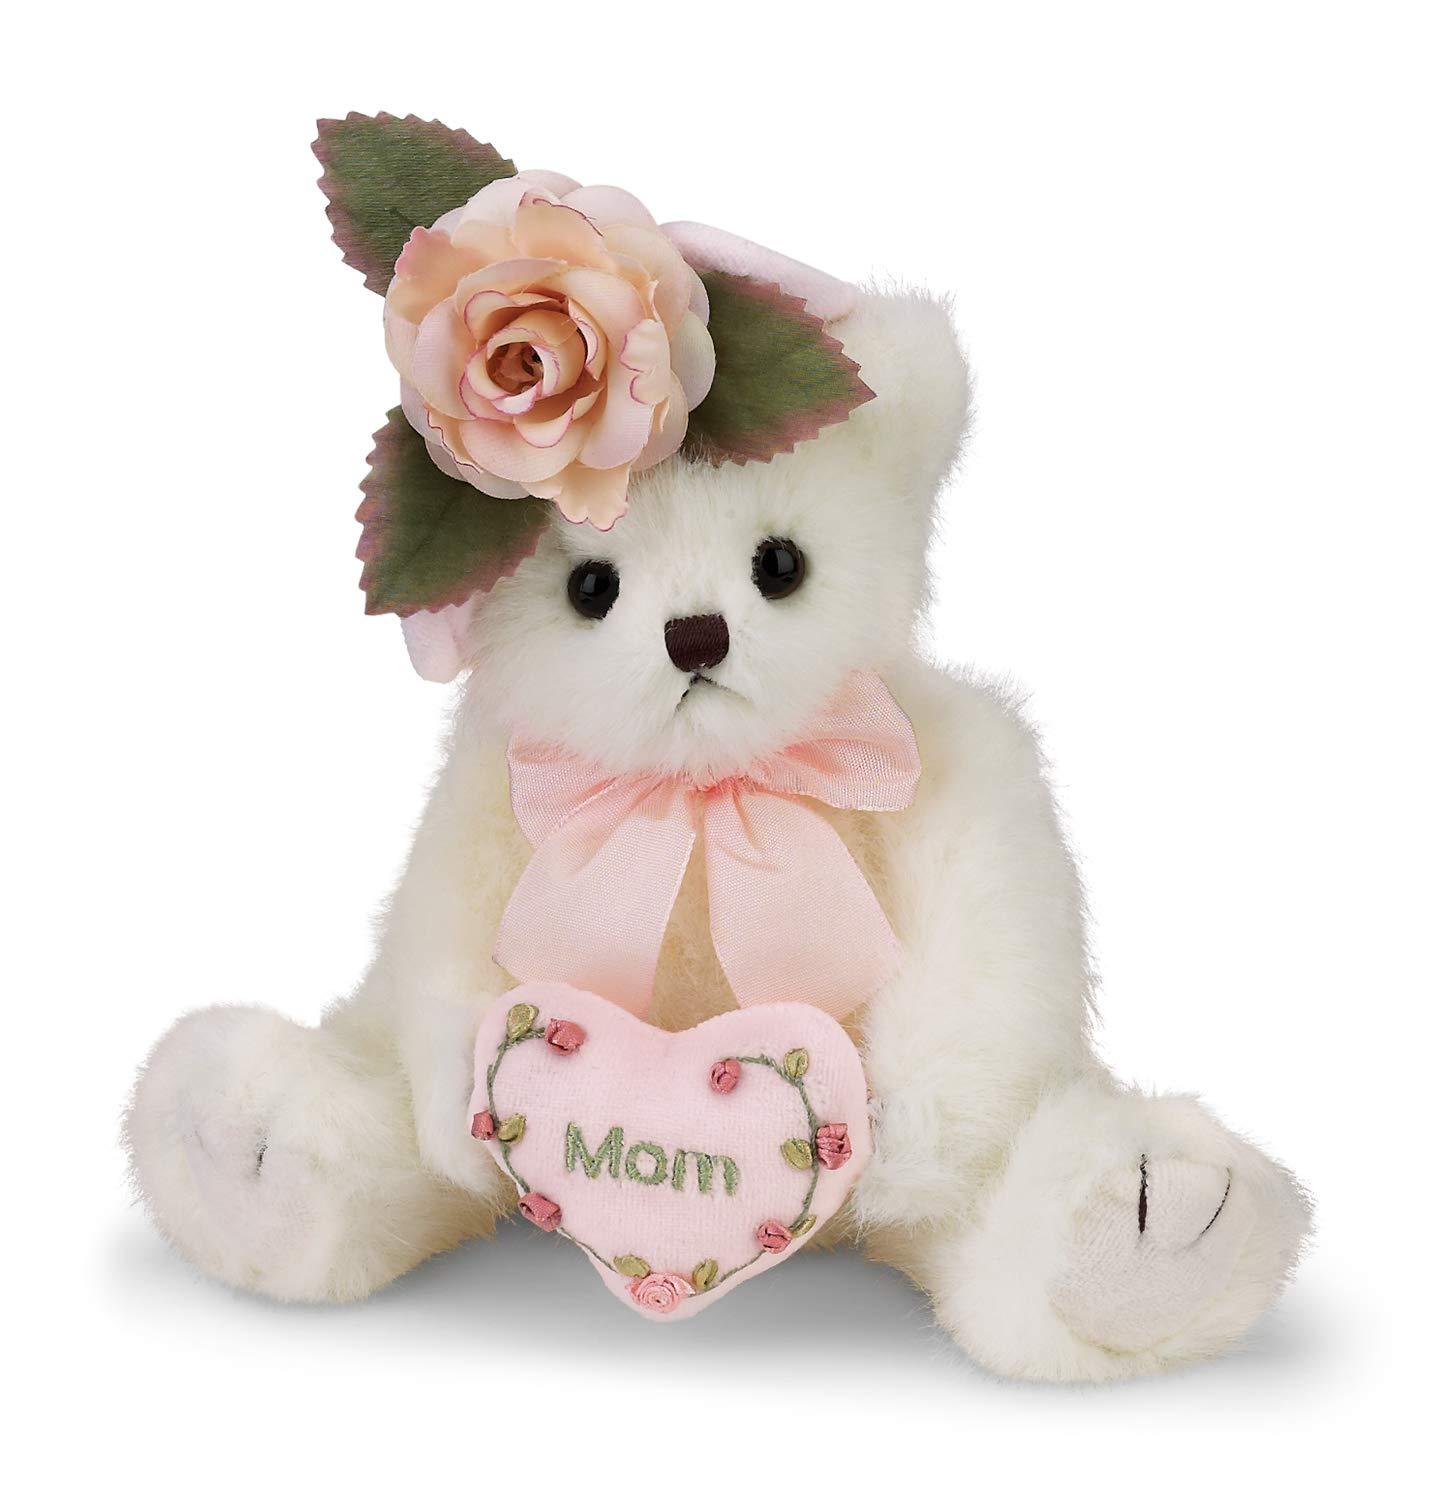 45b0315f720 Amazon.com  Bearington Mommy Tenderheart Teddy Bear for Mom Mother s on  Their Day 10